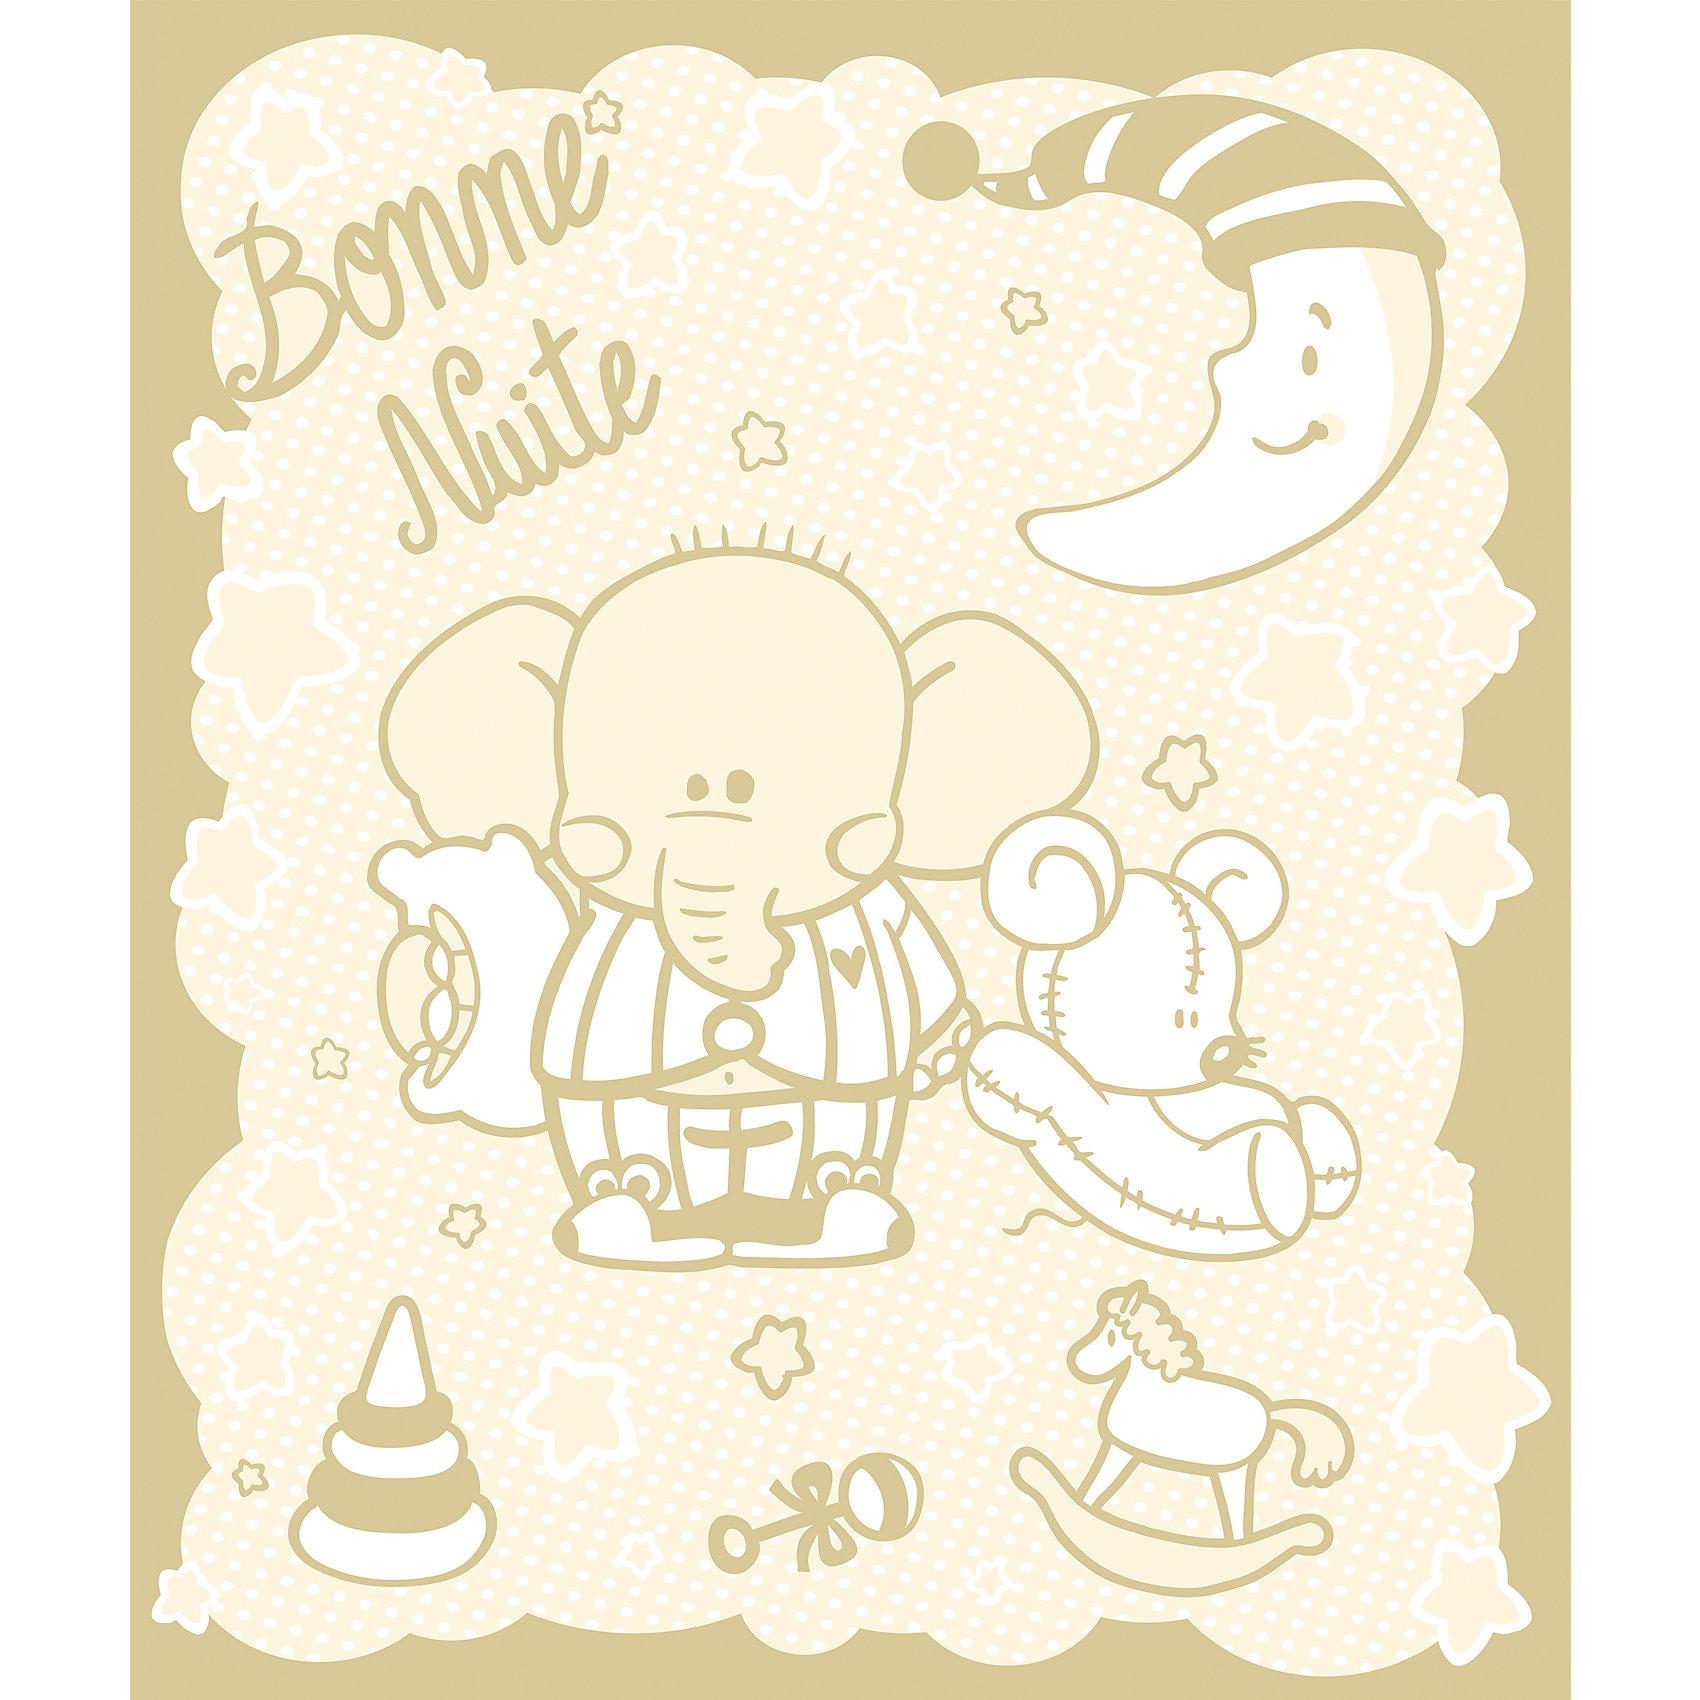 Одеяло байковое Слоник 100х118, Baby Nice, бежевыйОдеяла, пледы<br>Мягкое байковое одеяло Слоник подарит малышам крепкий, комфортный и здоровый сон. Одеяло выполнено из натурального хлопка, прекрасно пропускает воздух, сохраняя при этом тепло, что обеспечивает поддержание комфортного микроклимата как дома, так и на прогулке. Абсолютно гипоаллергенное, идеально подходит для новорожденных детей. <br><br>Дополнительная информация:<br><br>- Материал: хлопок 100%, жаккард.<br>- Размер: 100х118 см. <br>- Отделка: оверлок.<br>- Цвет: бежевый.<br>- Декоративные элементы: принт (слоник).<br>- Стирка: машинная при 40 ?. <br><br>Одеяло байковое Слоник 100х118, Baby Nice,(Беби Найс), бежевое, можно купить в нашем магазине.<br><br>Ширина мм: 40<br>Глубина мм: 5<br>Высота мм: 30<br>Вес г: 500<br>Возраст от месяцев: 0<br>Возраст до месяцев: 60<br>Пол: Унисекс<br>Возраст: Детский<br>SKU: 4058261